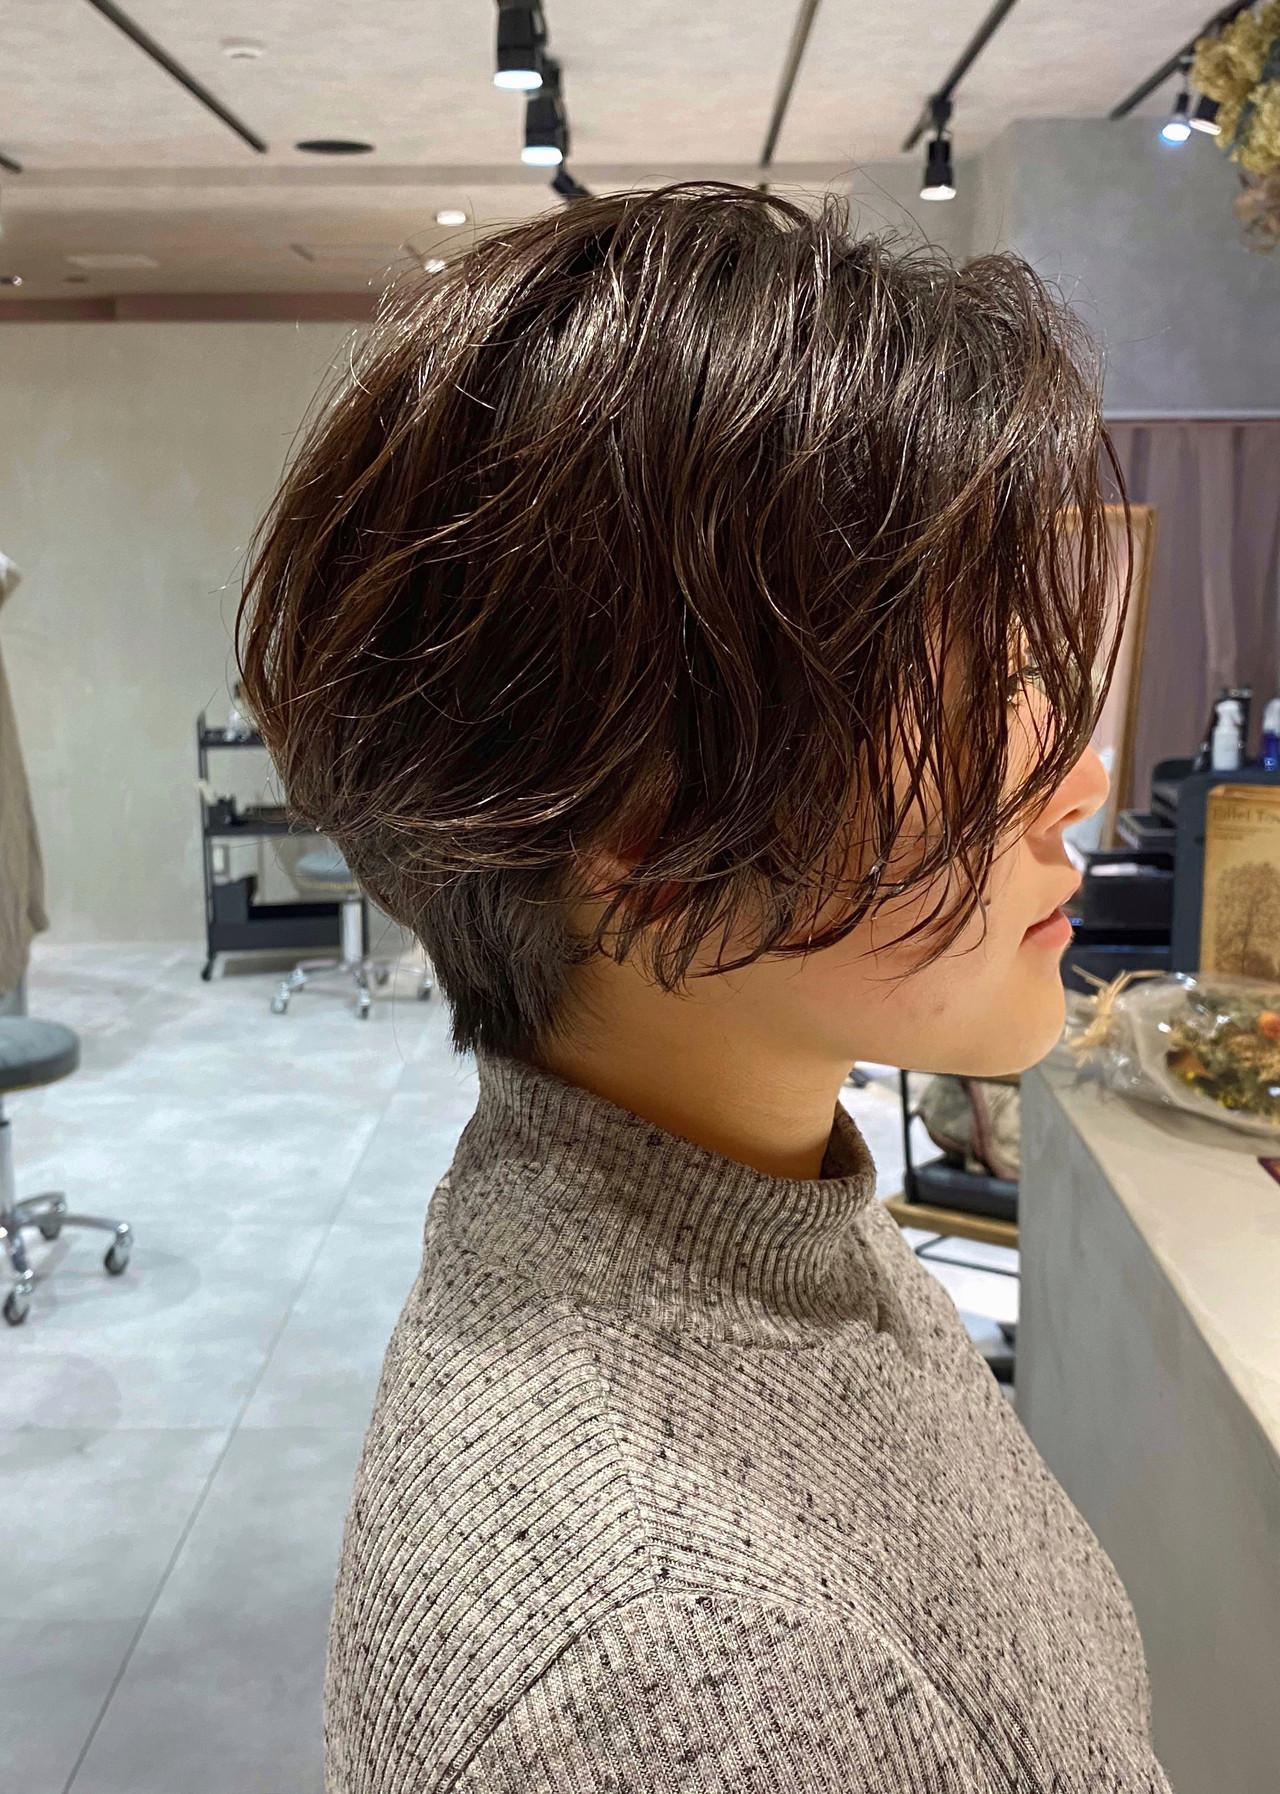 ショートヘア ナチュラル 抜け感 ショート ヘアスタイルや髪型の写真・画像